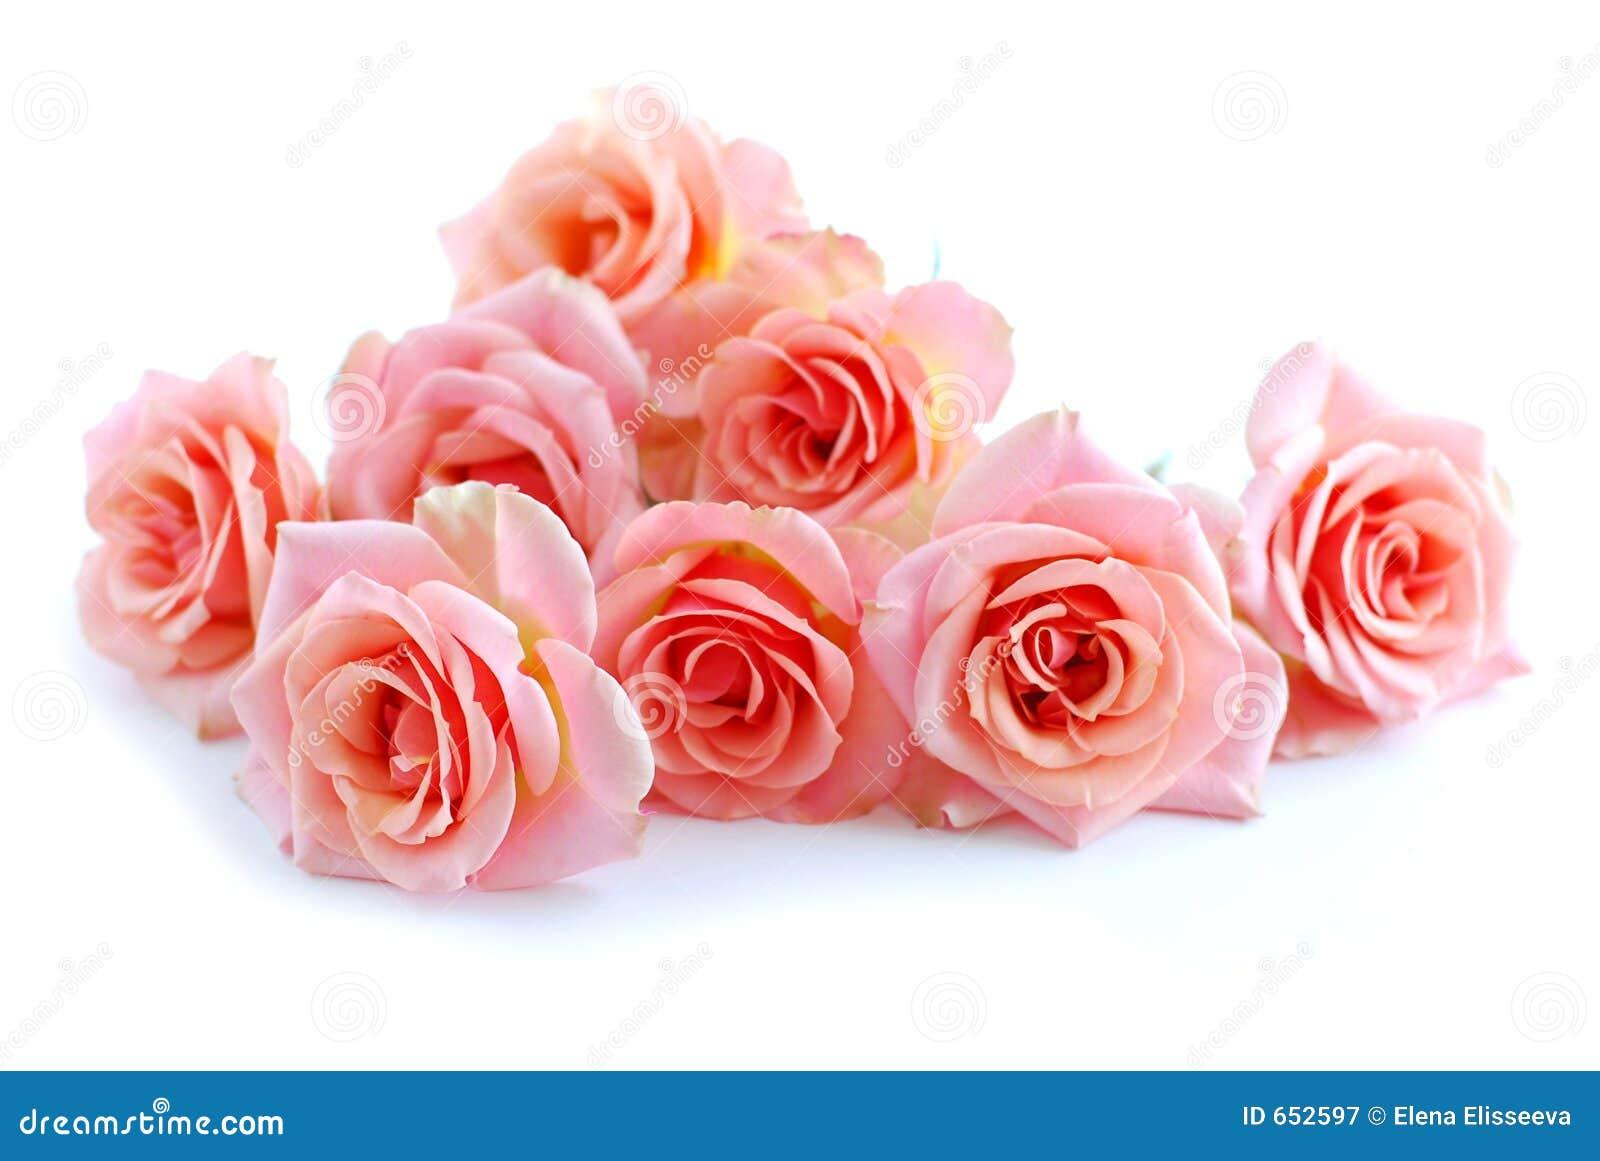 розовые розы белые